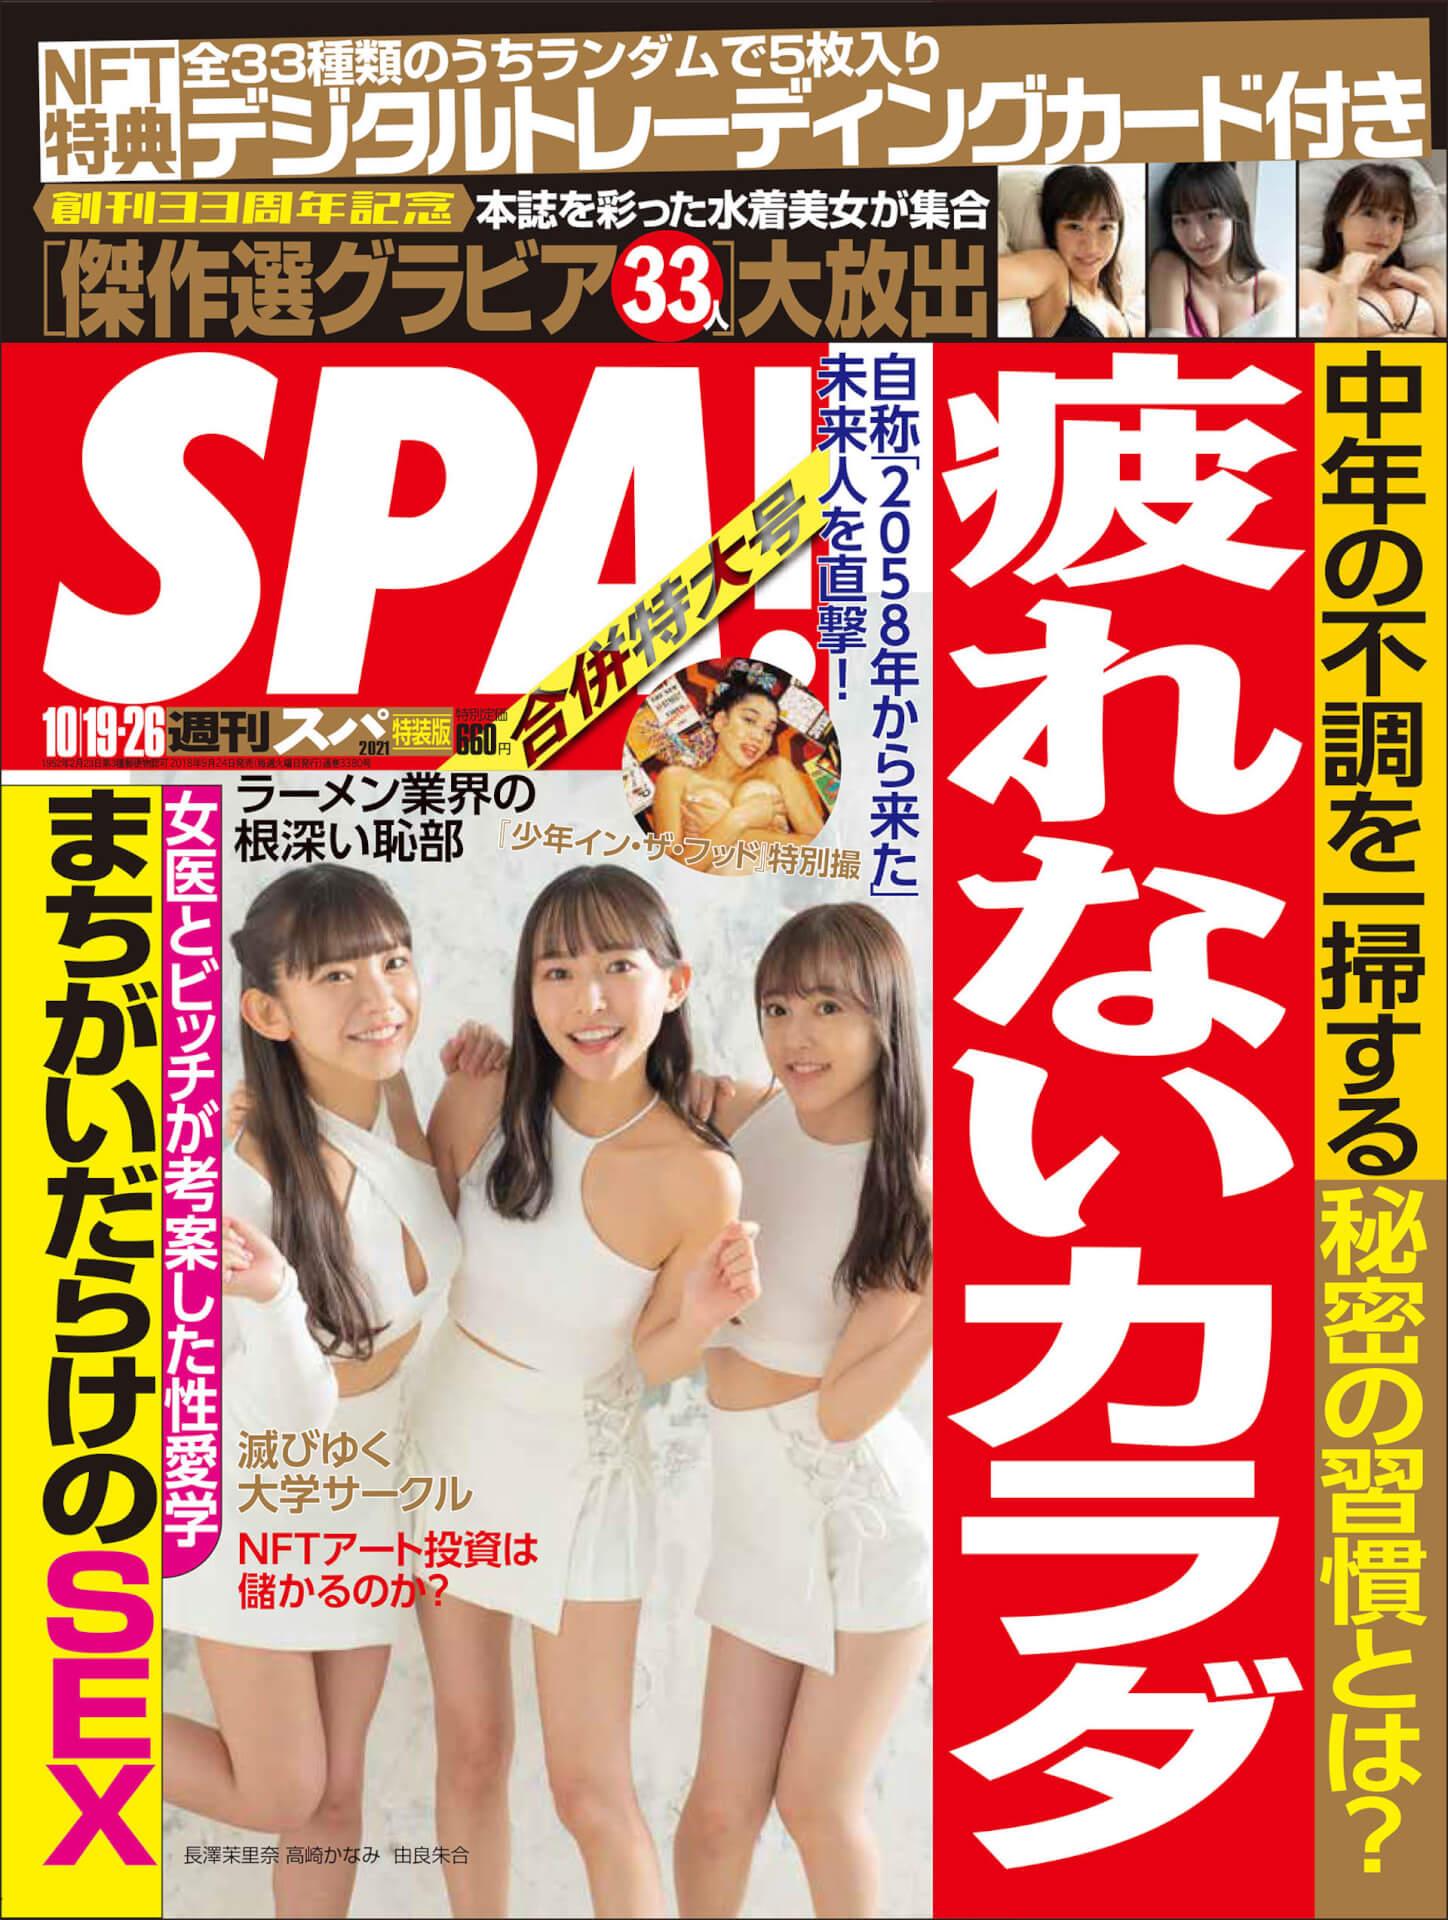 『週刊SPA!』創刊33周年で由良朱合、高崎かなみ、長澤茉里奈のグラマラスボディ光る水着グラビアが公開!グラドルが出迎える焼肉店のプロデュースも art211012_spa_2